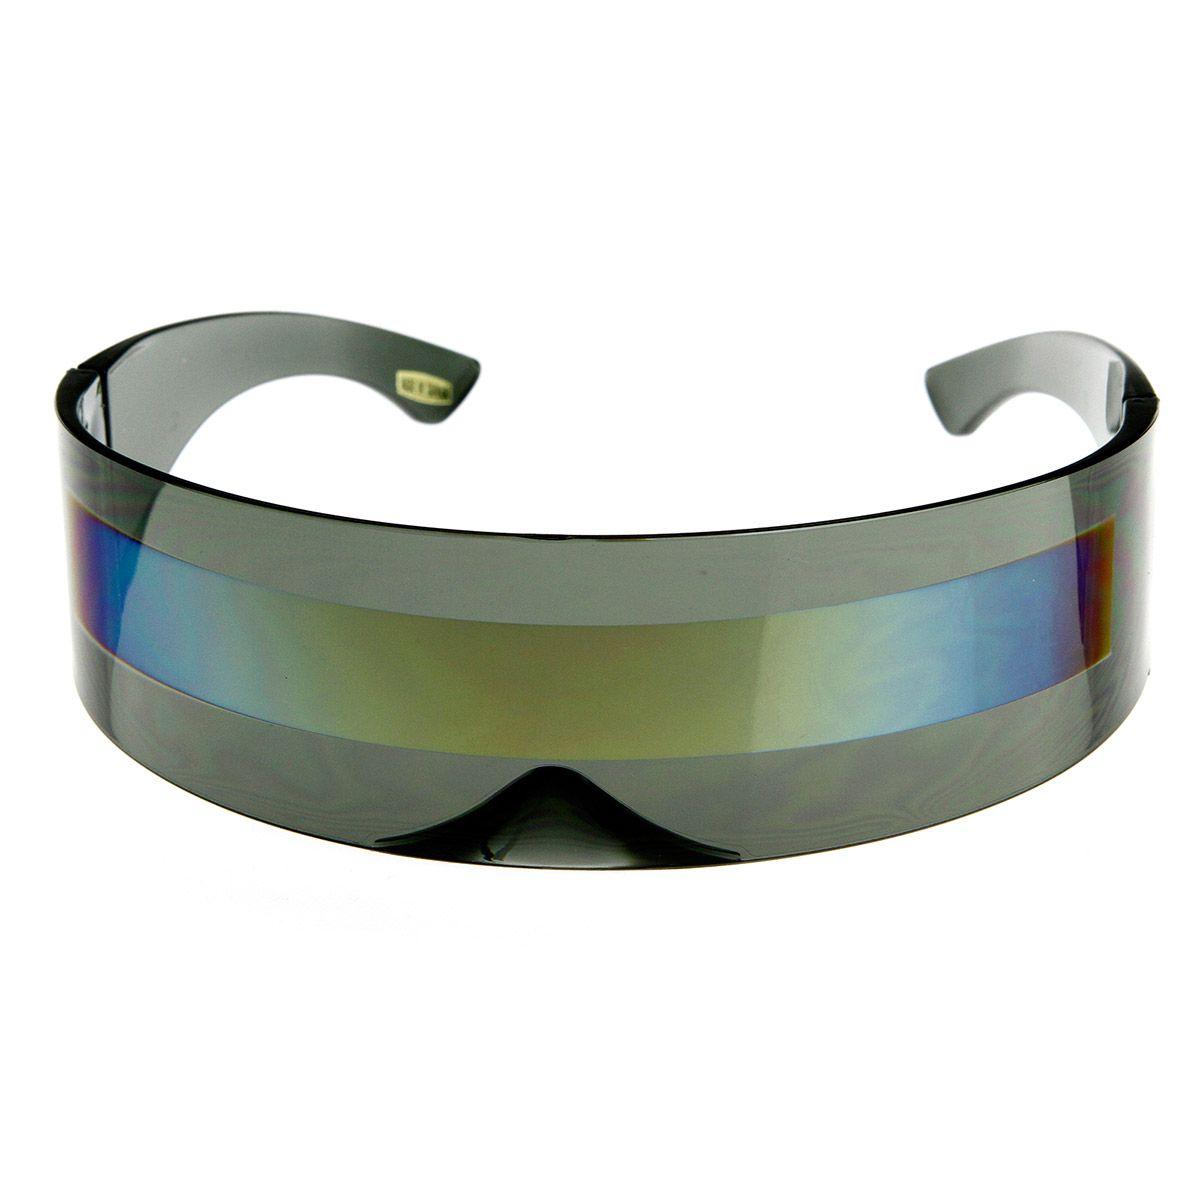 zeroUV - Futuristic Wrap Around Monoblock Shield Sunglasses (Blue) fcqBAccQu